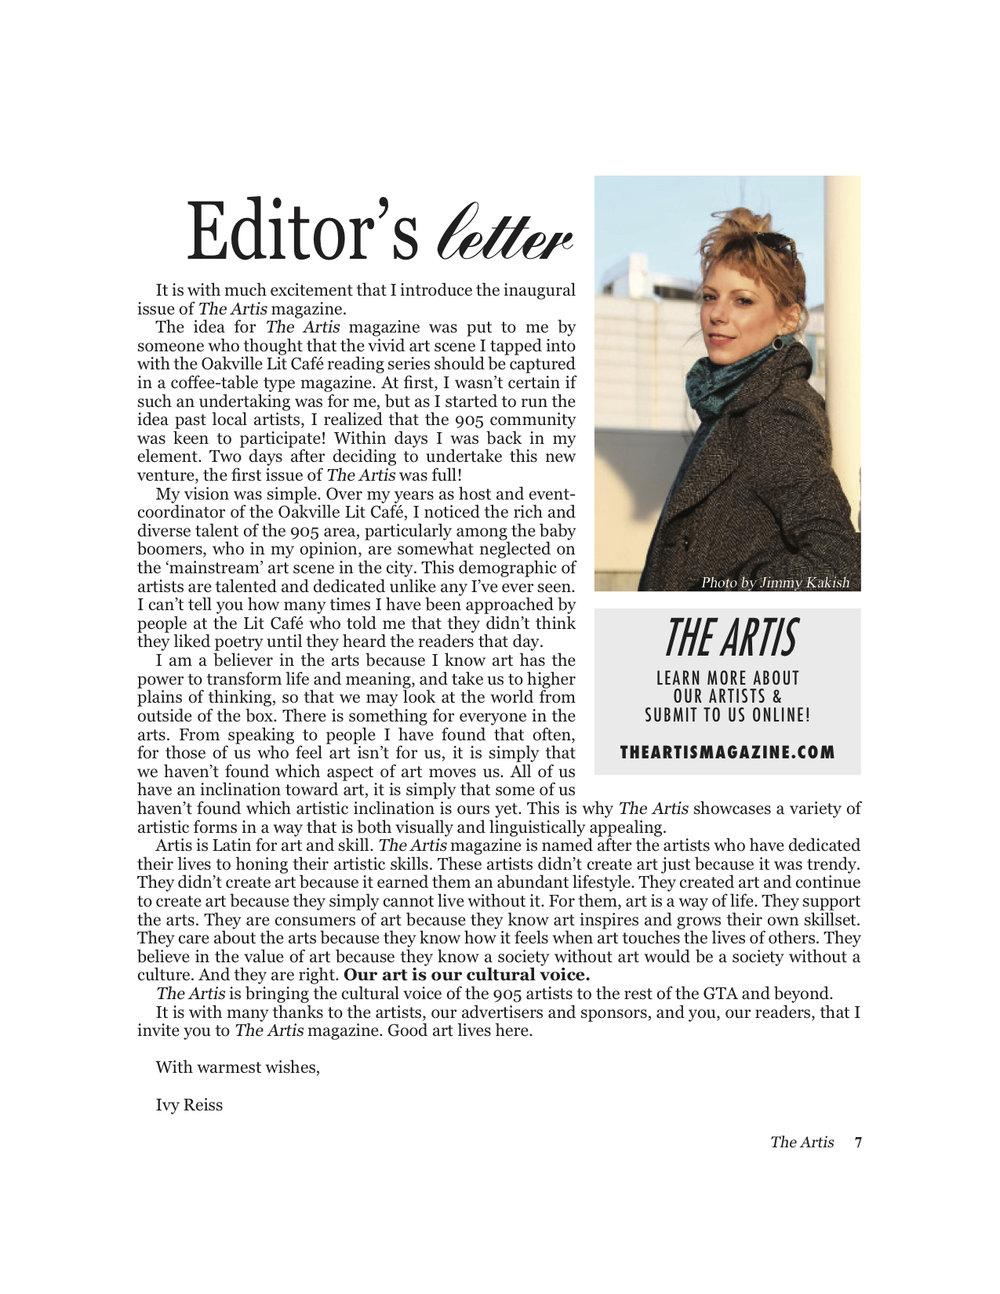 Artis 1 editors letter.jpg